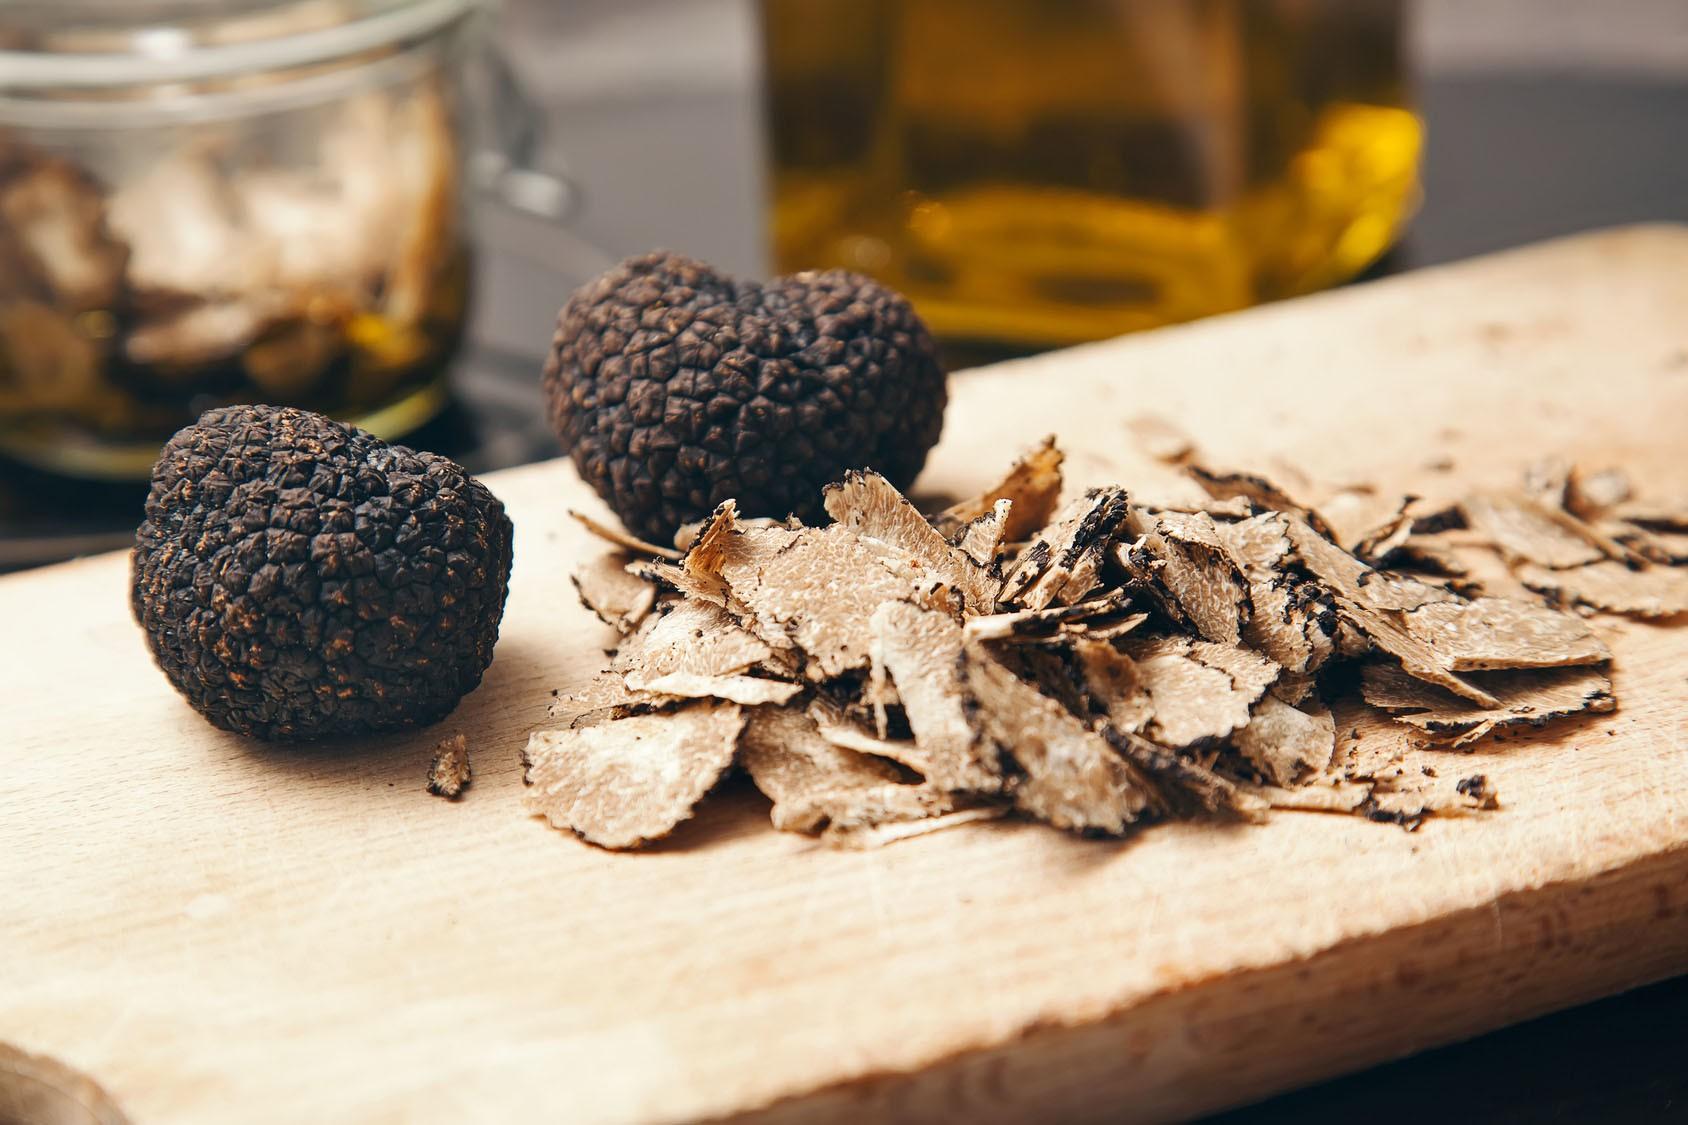 Nấm truffles: nguyên liệu được xưng tụng là thần thánh của các nhà hàng hạng sang, có giá lên đến 1 tỷ cho khoảng 2kg - Ảnh 2.